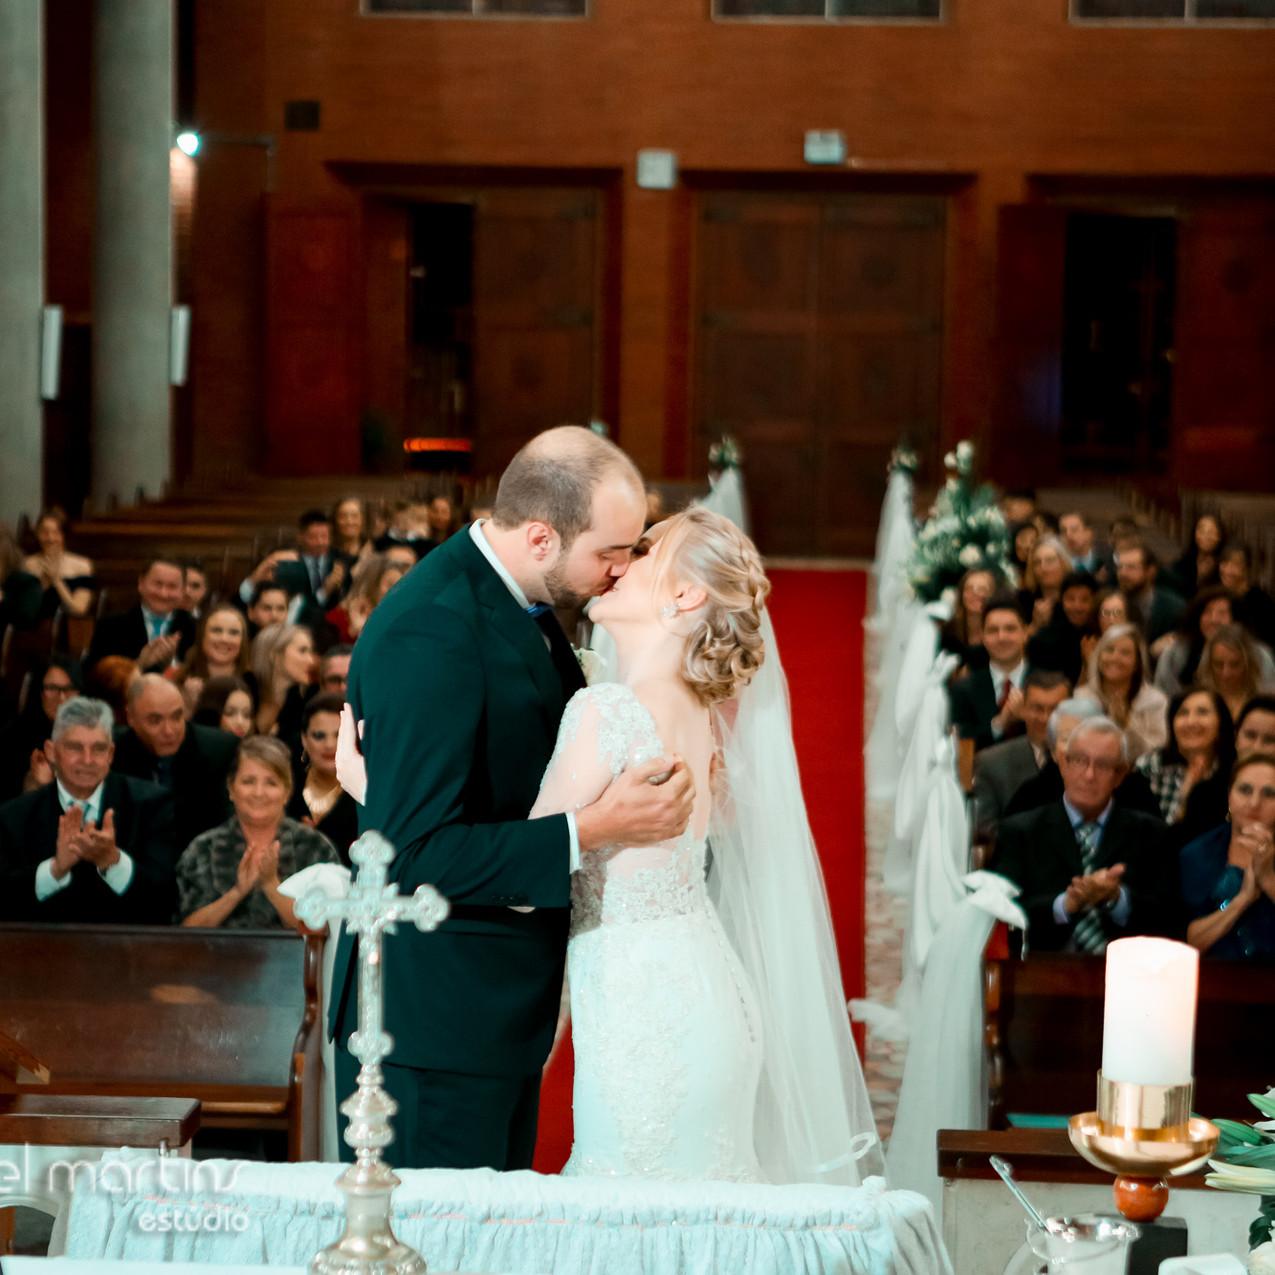 BeR-0574-fotografo-casamento-wedding-gotadagua-rustico-brunaeraul-boho-diy-portoalegre-daniel-martins